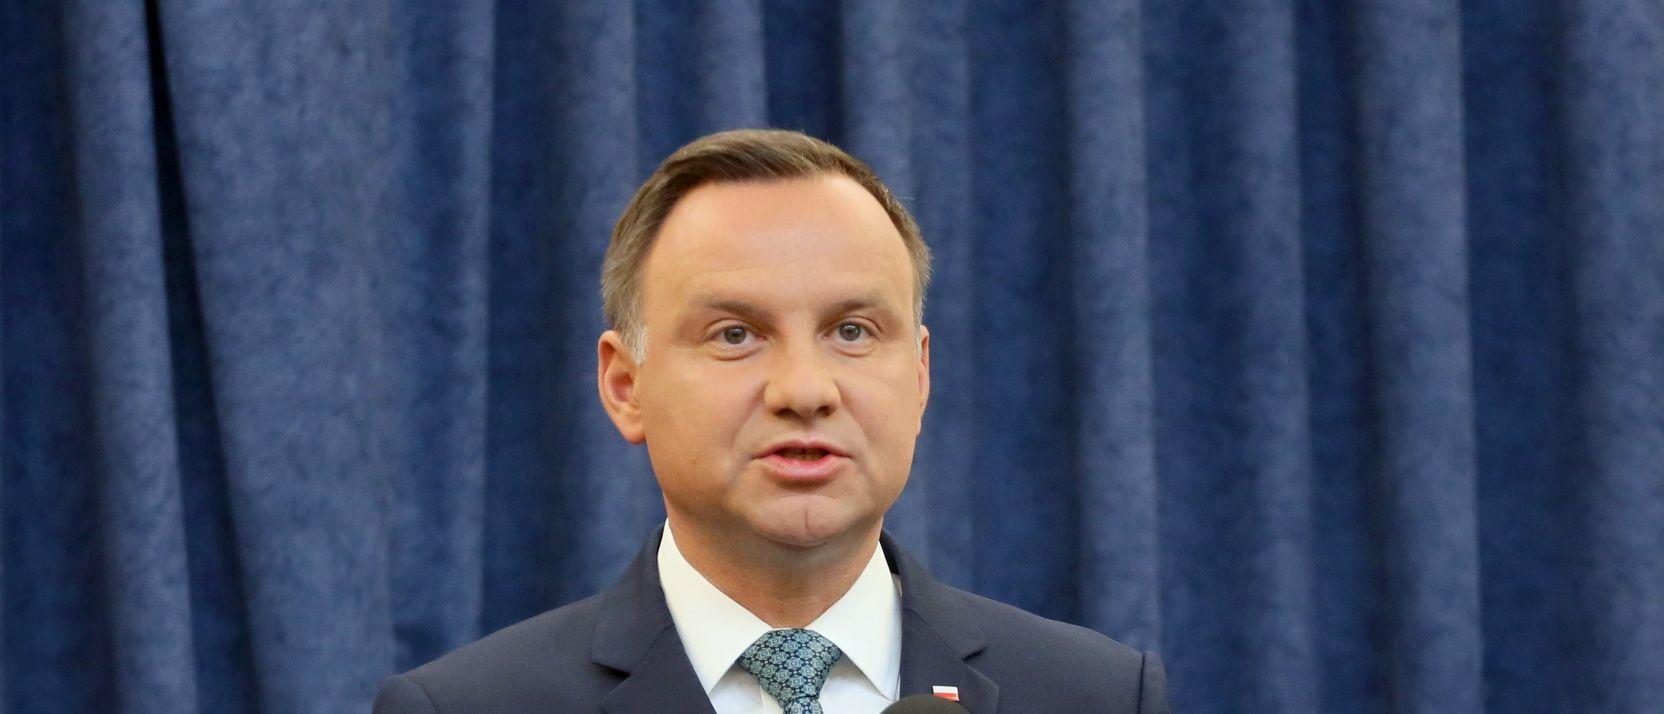 POLJSKA Duda potpisao zakon o novim ovlastima ministra pravosuđa